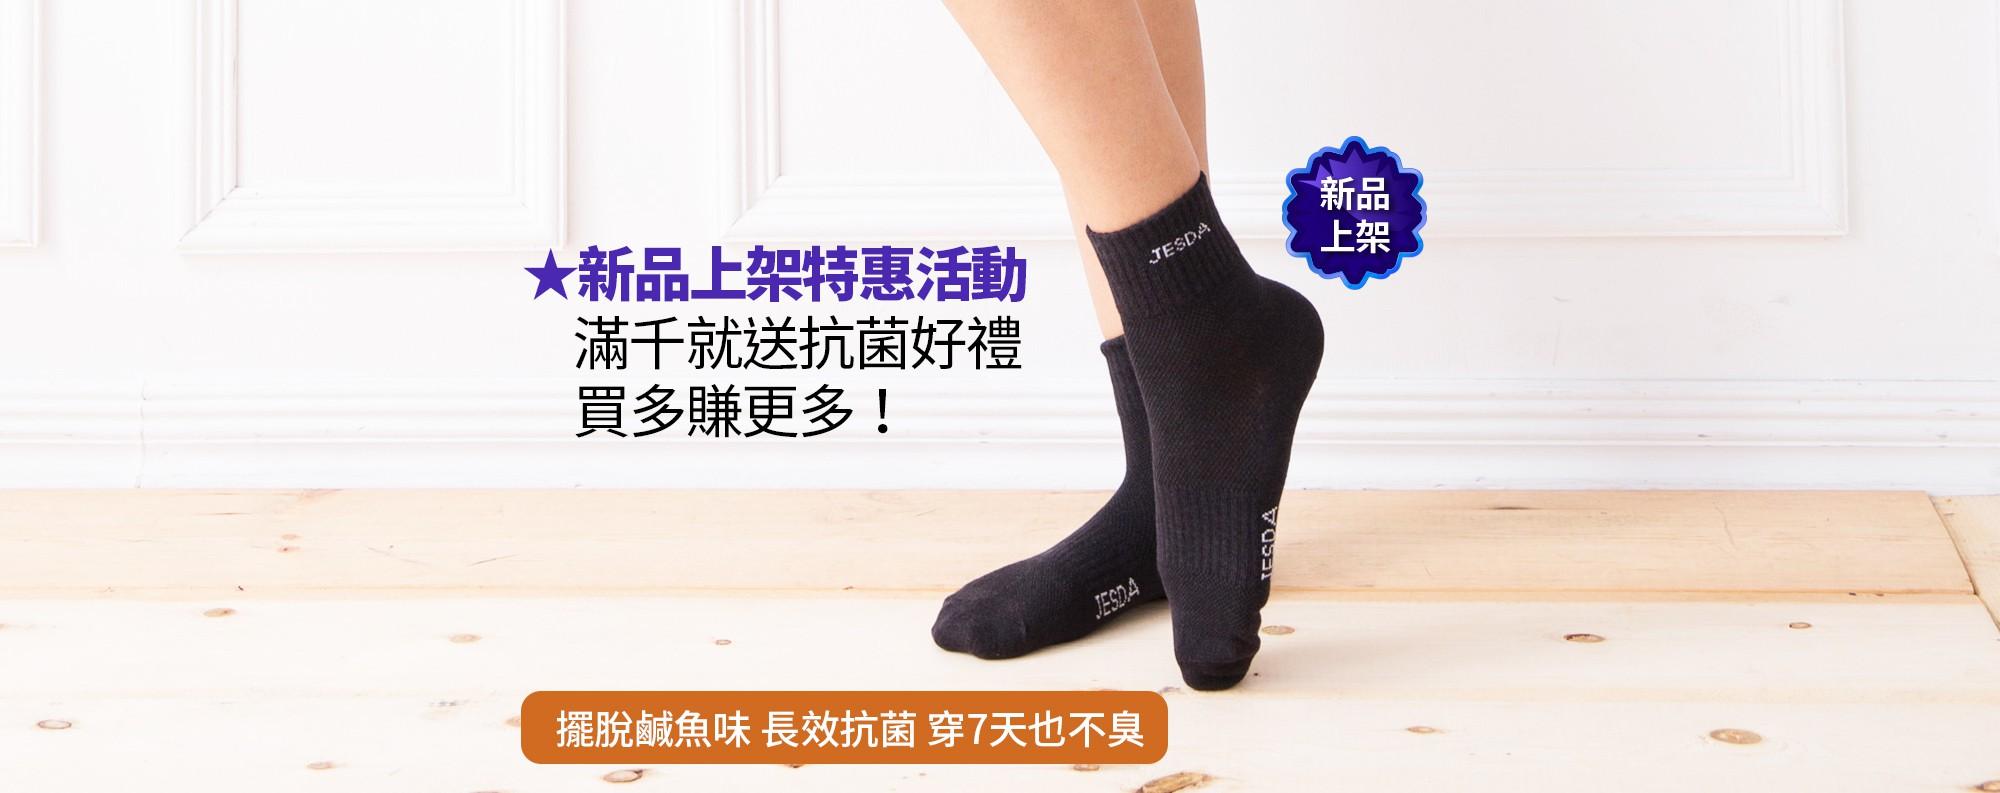 甲殼素抗菌除臭襪 買多更划算 滿千再加送抗菌好禮